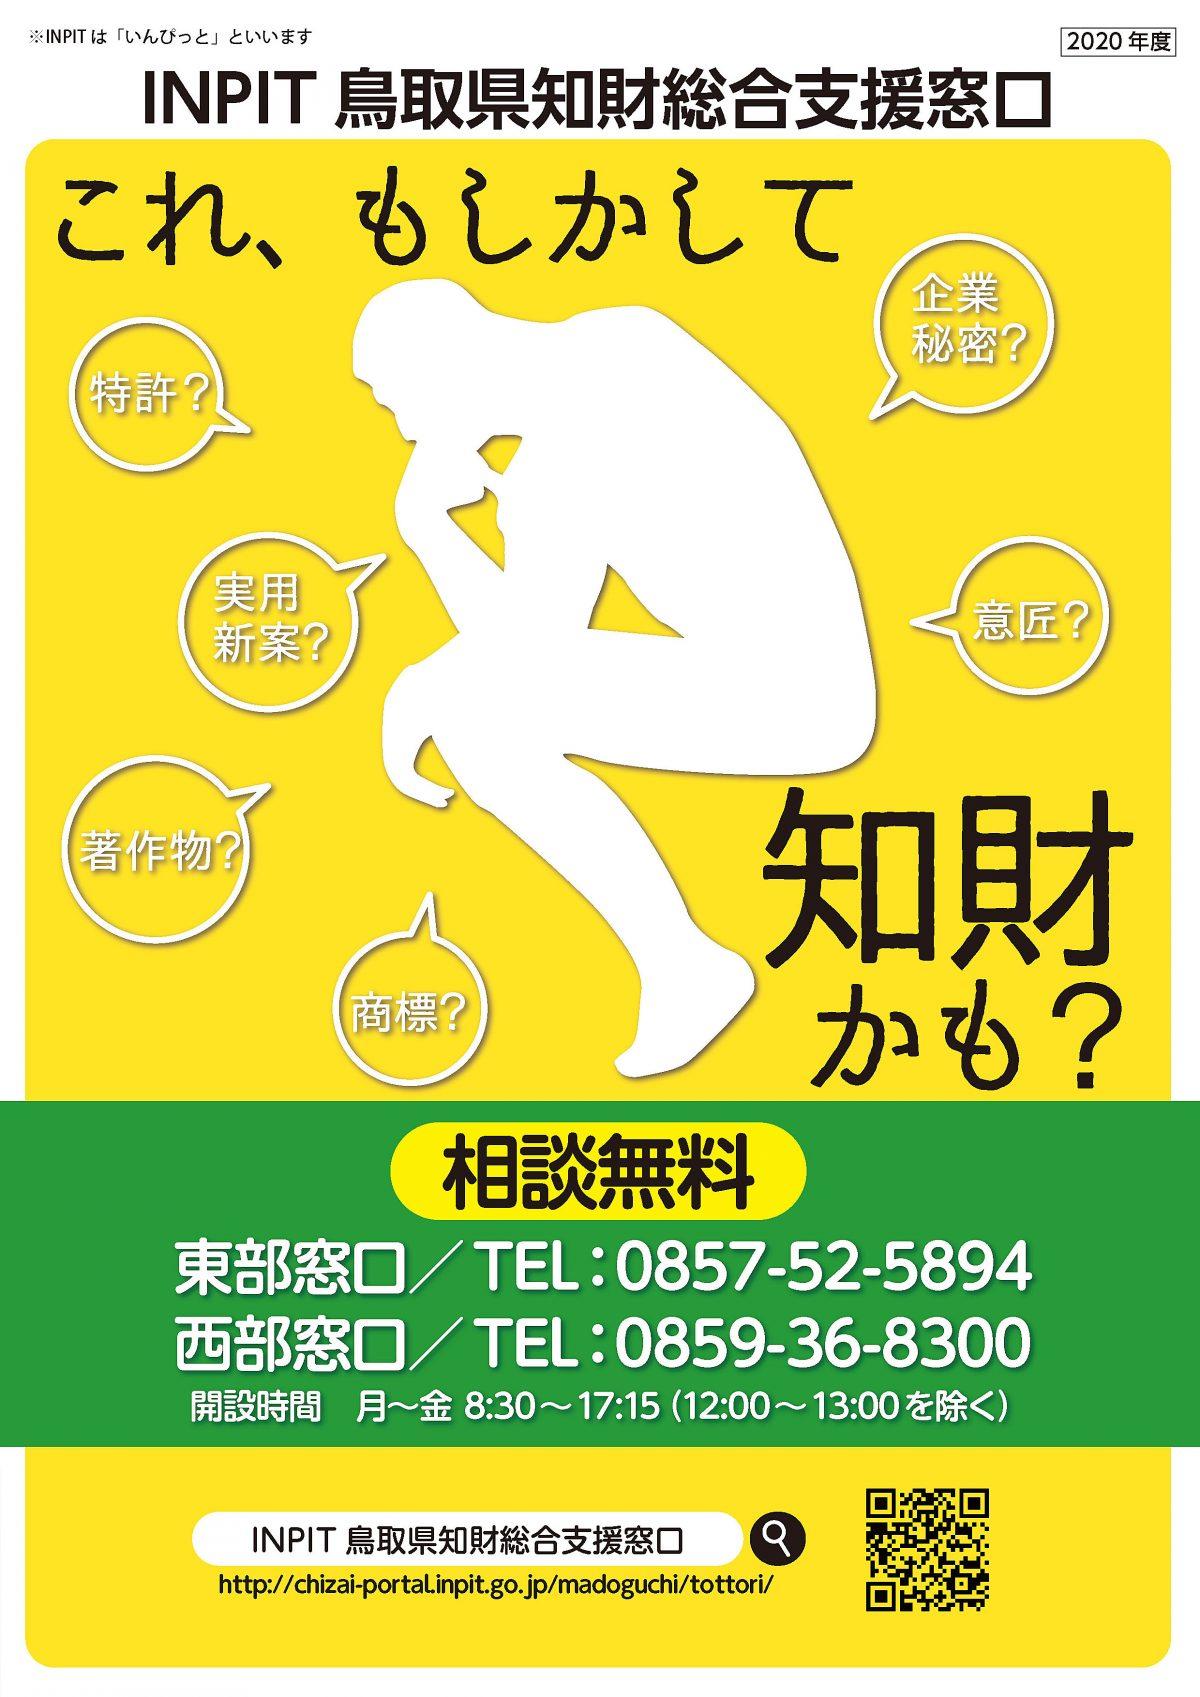 2020年度版 INPIT 鳥取県知財総合支援窓口 リーフレットが完成いたしました。